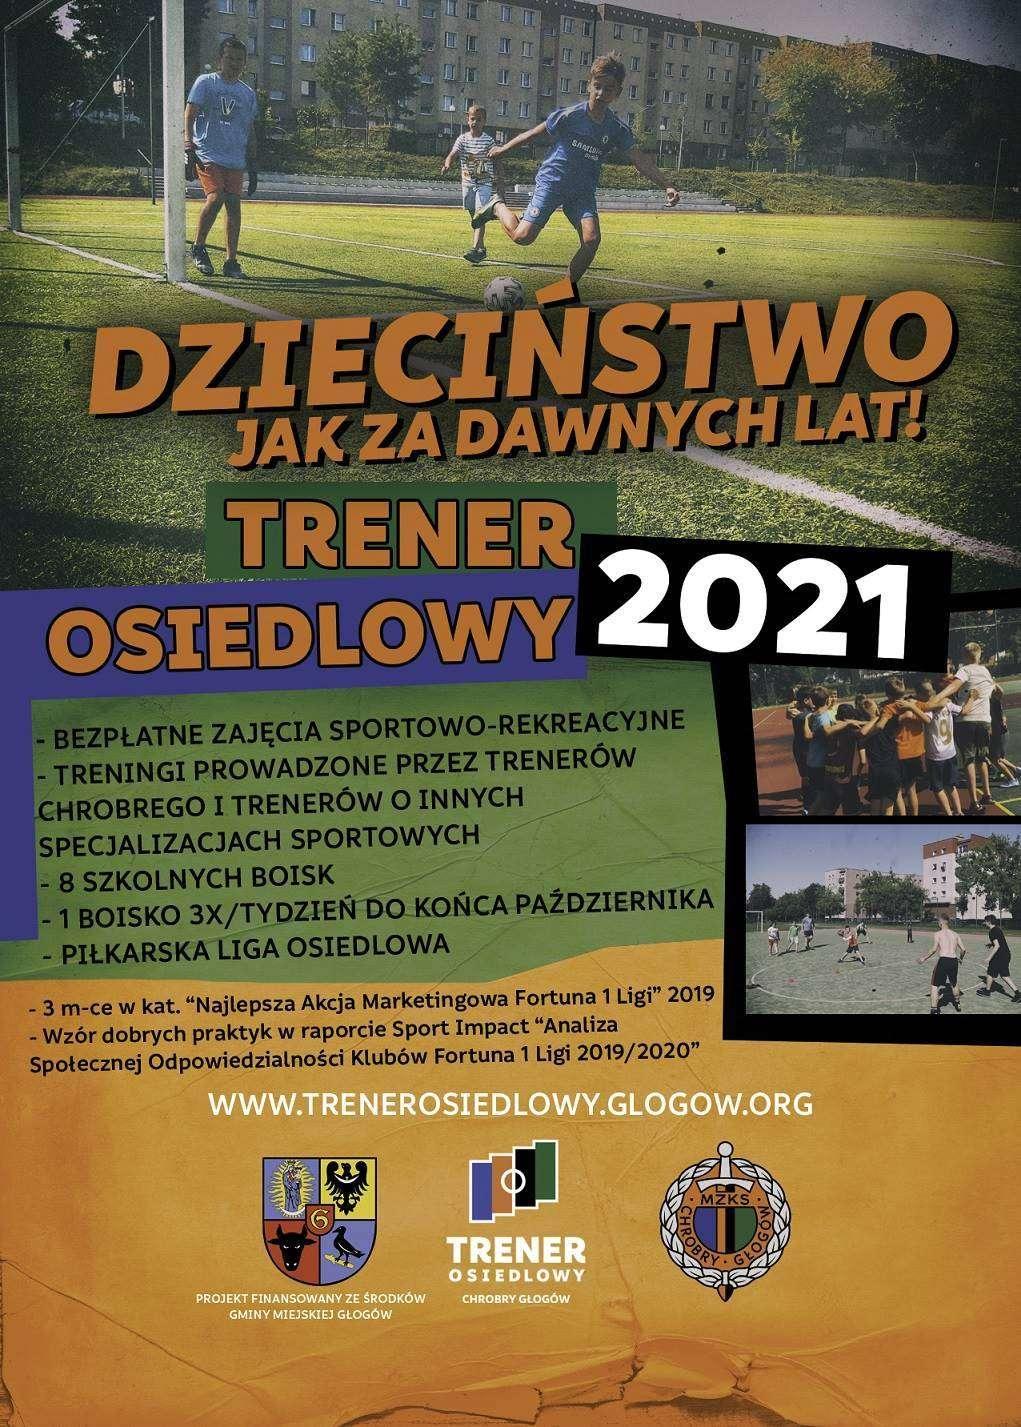 Trener Osiedlowy ulotka